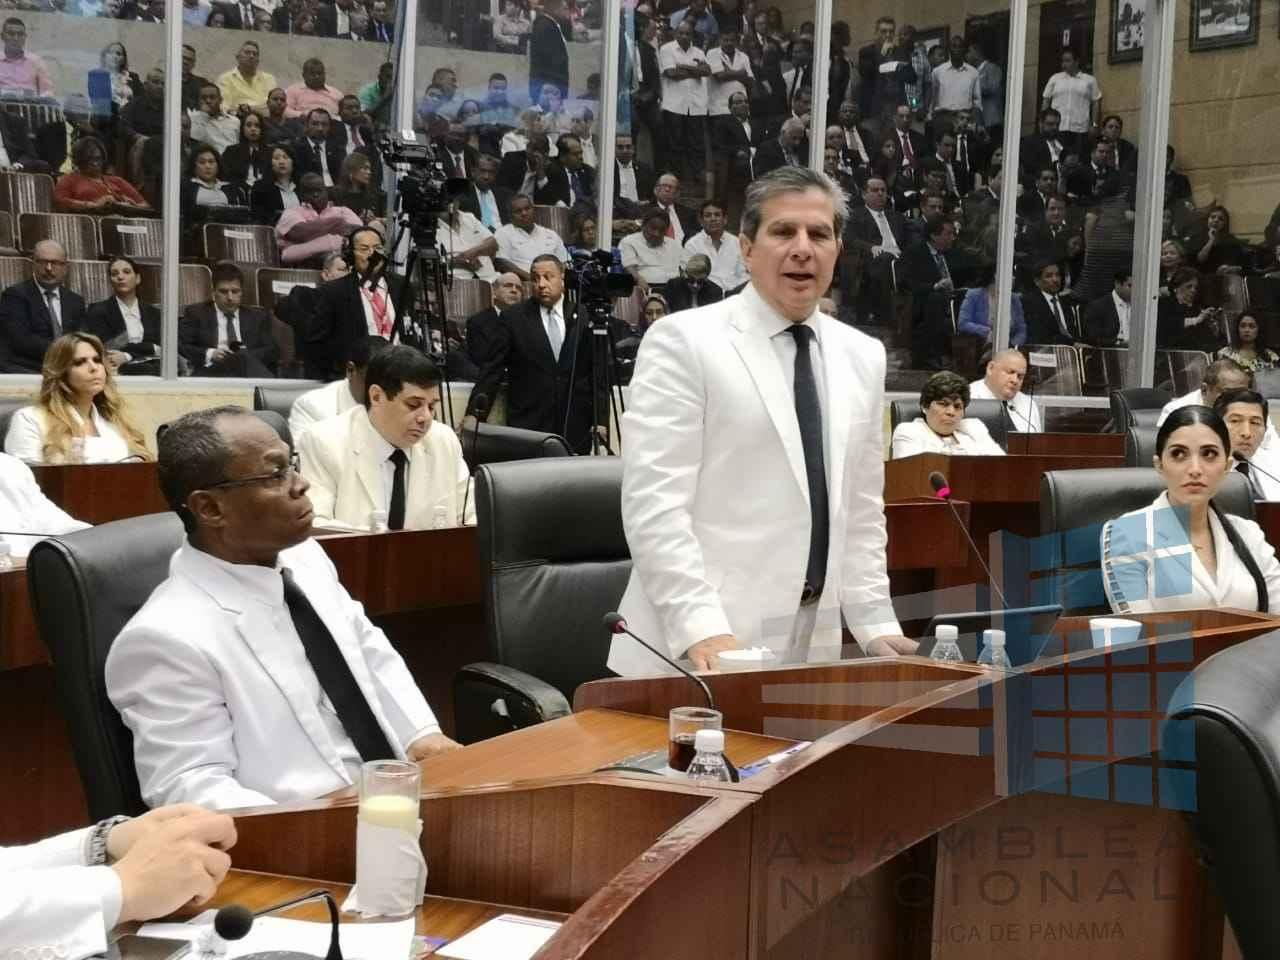 popi-varela-elecciones-asamblea-panama-politica